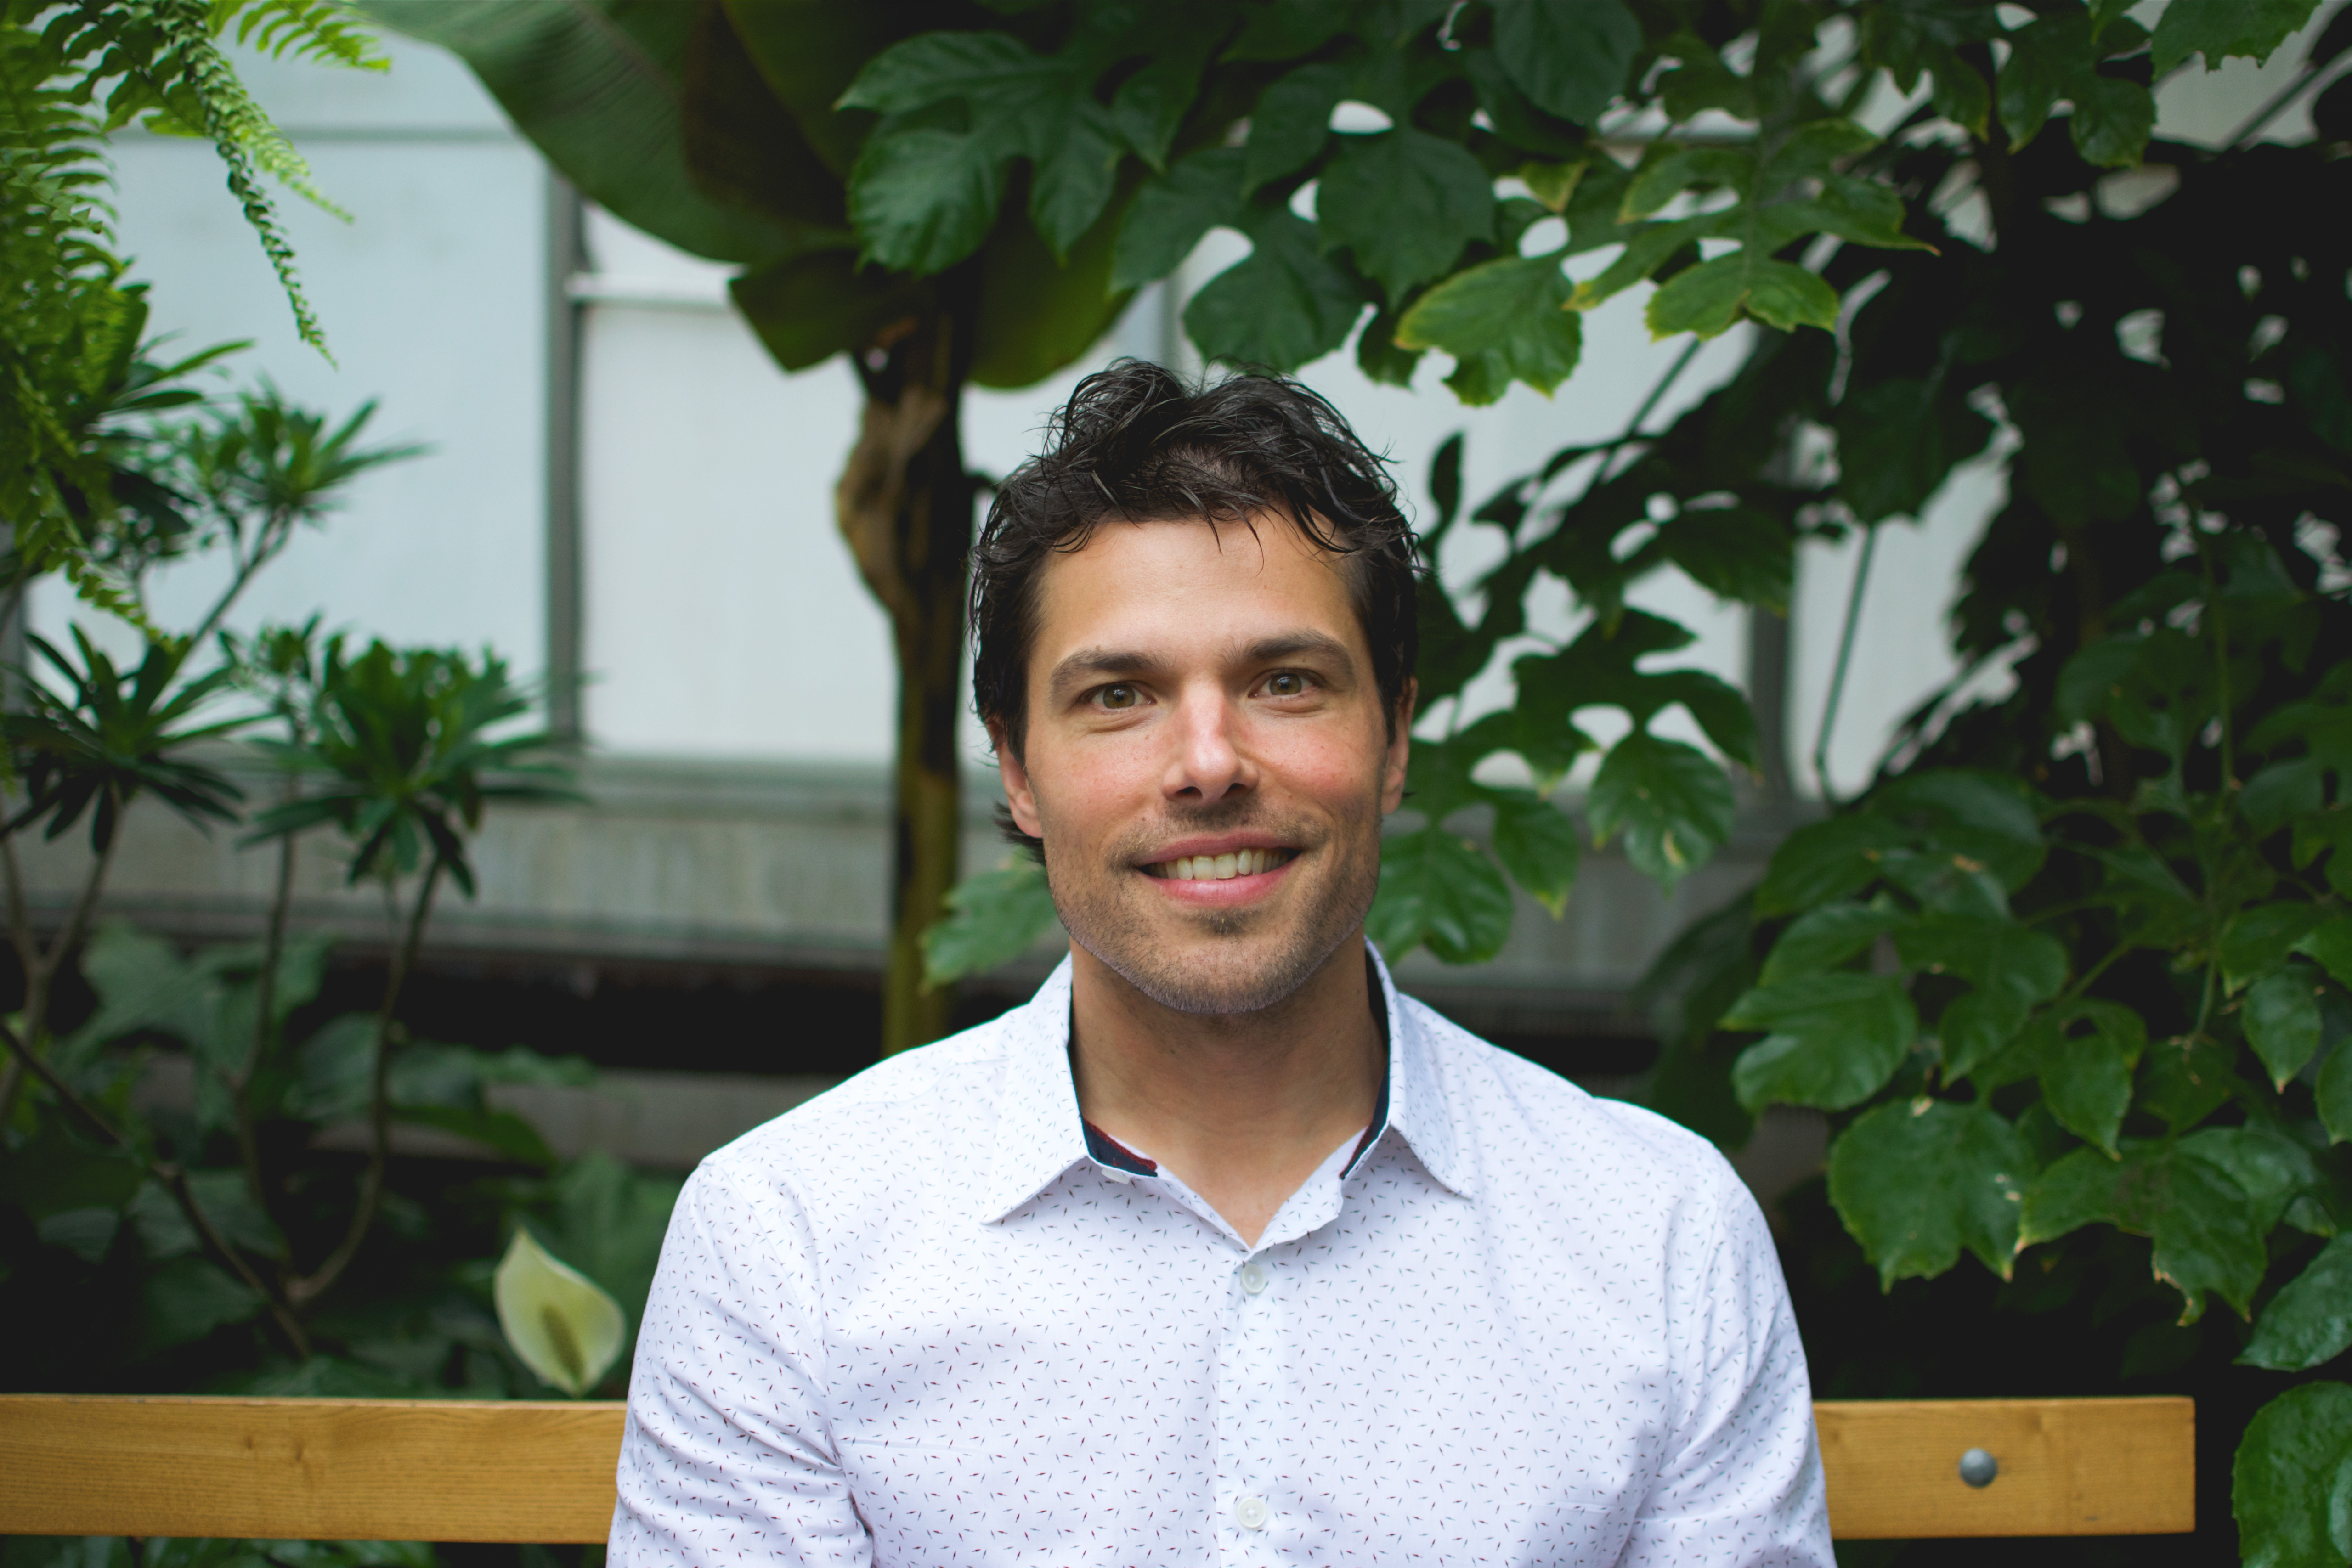 Dr. Steven Fonso